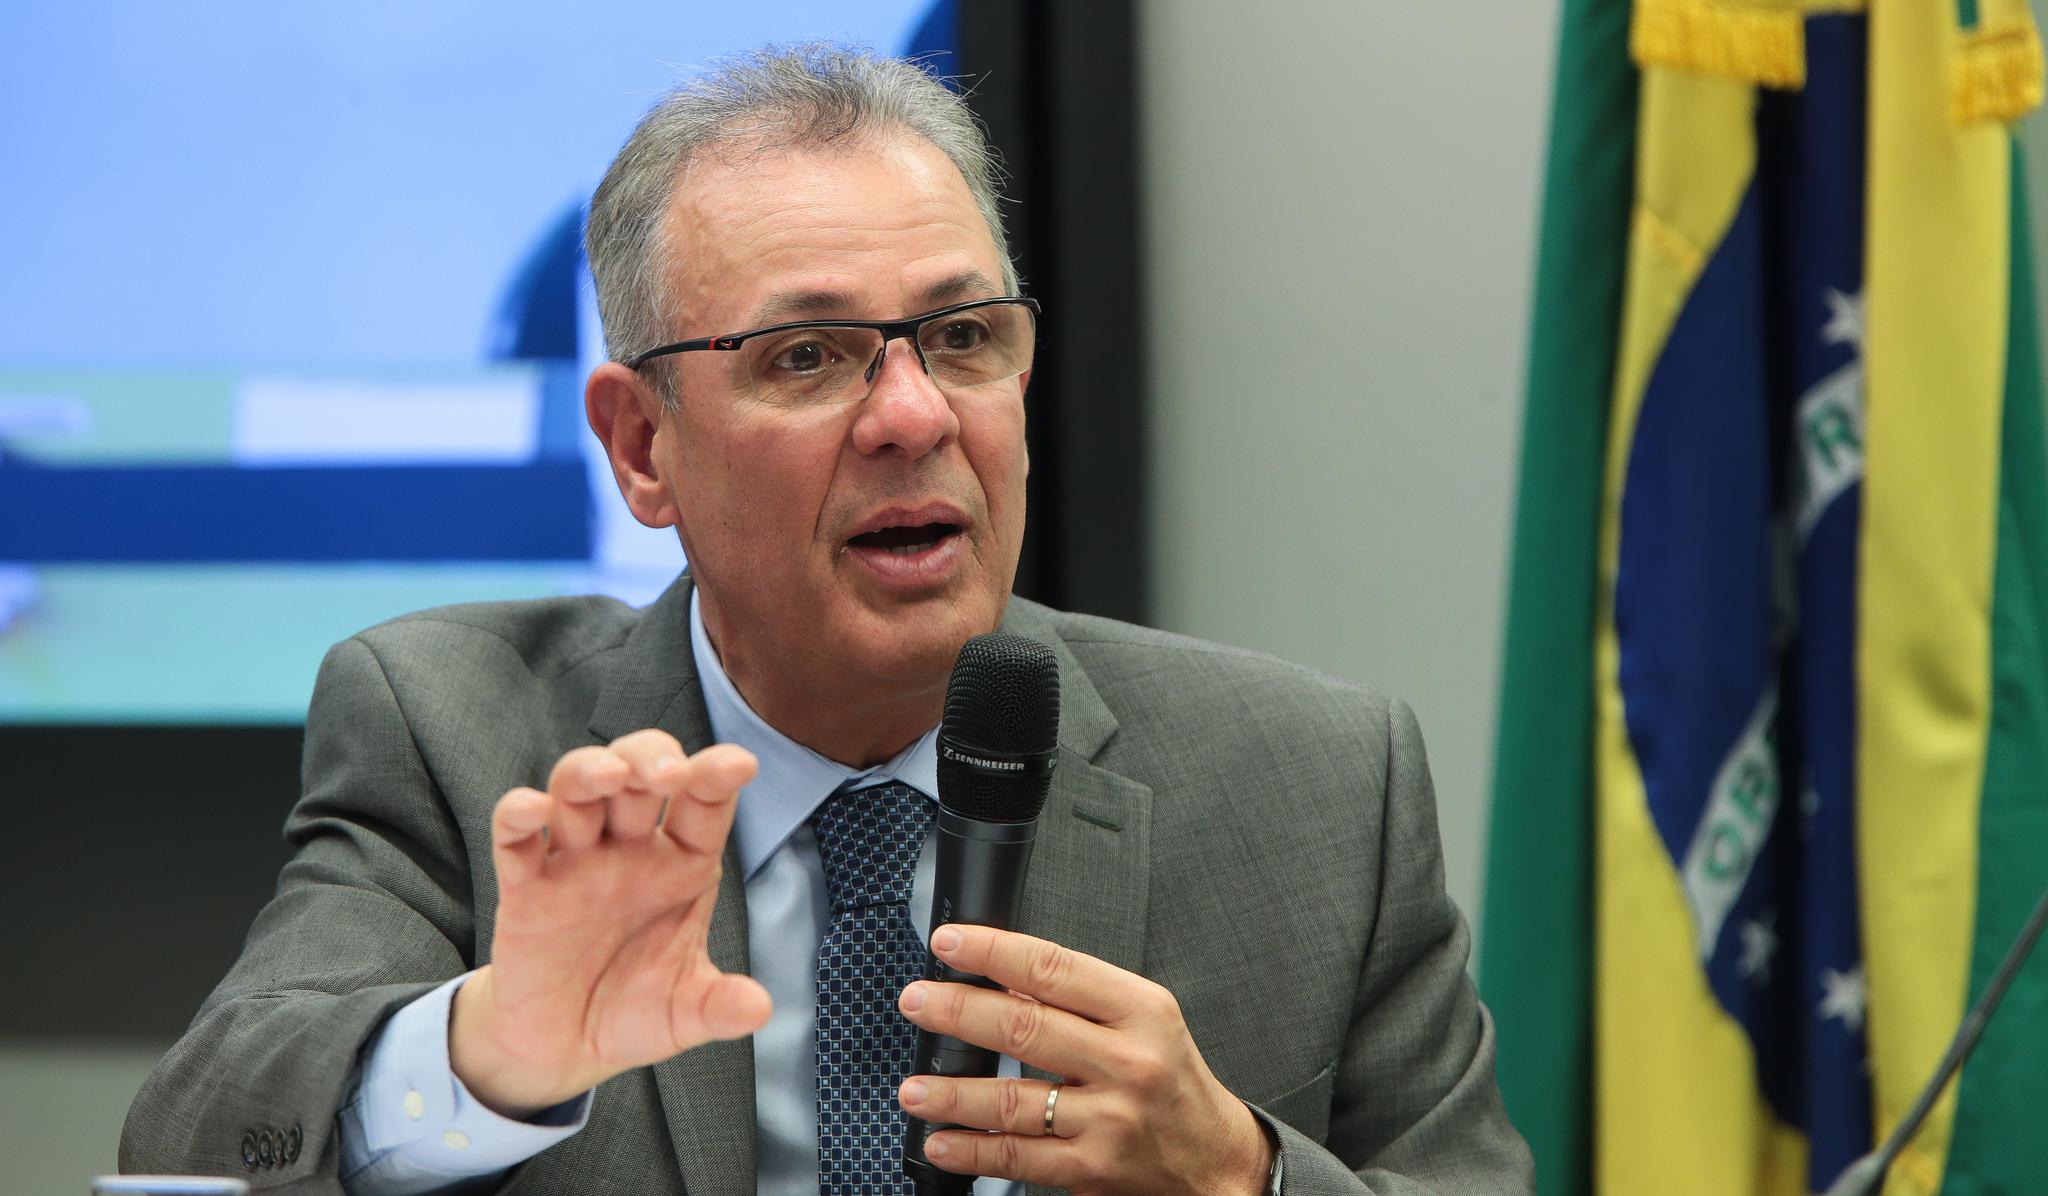 Ministro diz que apresentará novo modelo da área de gás em abril